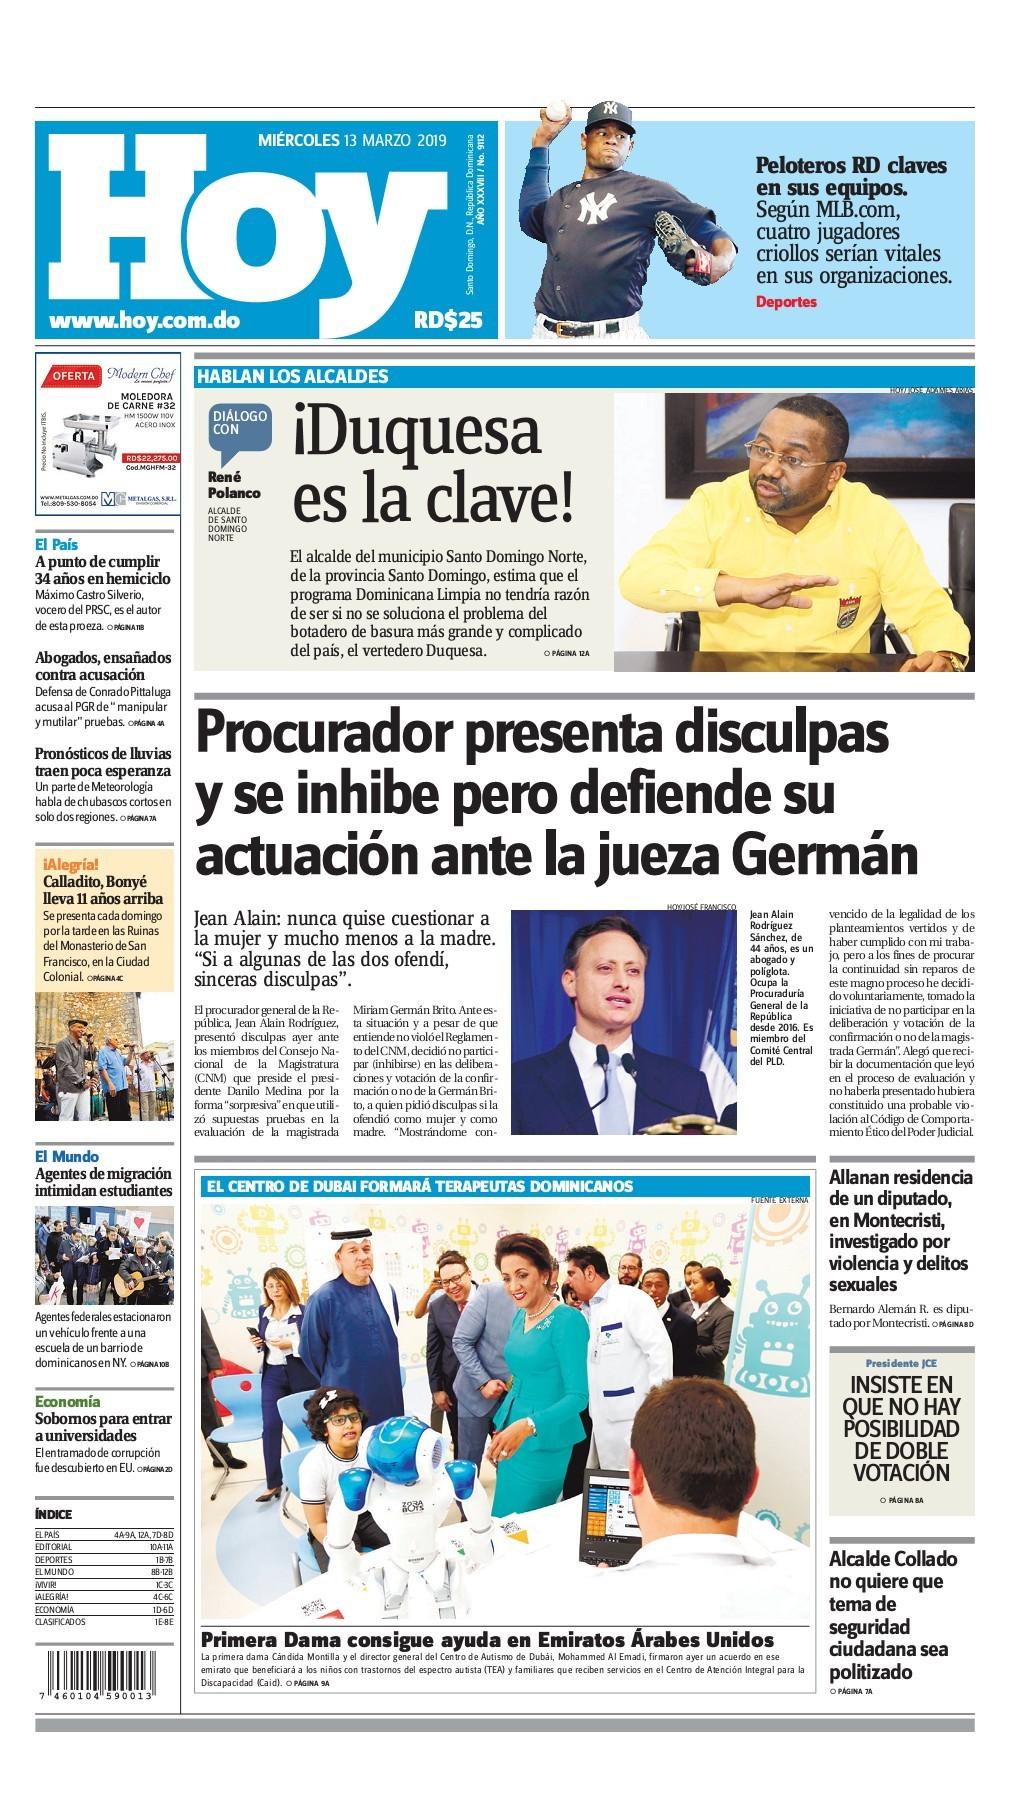 Portada Periódico Hoy, Miércoles 13 de Marzo 2019